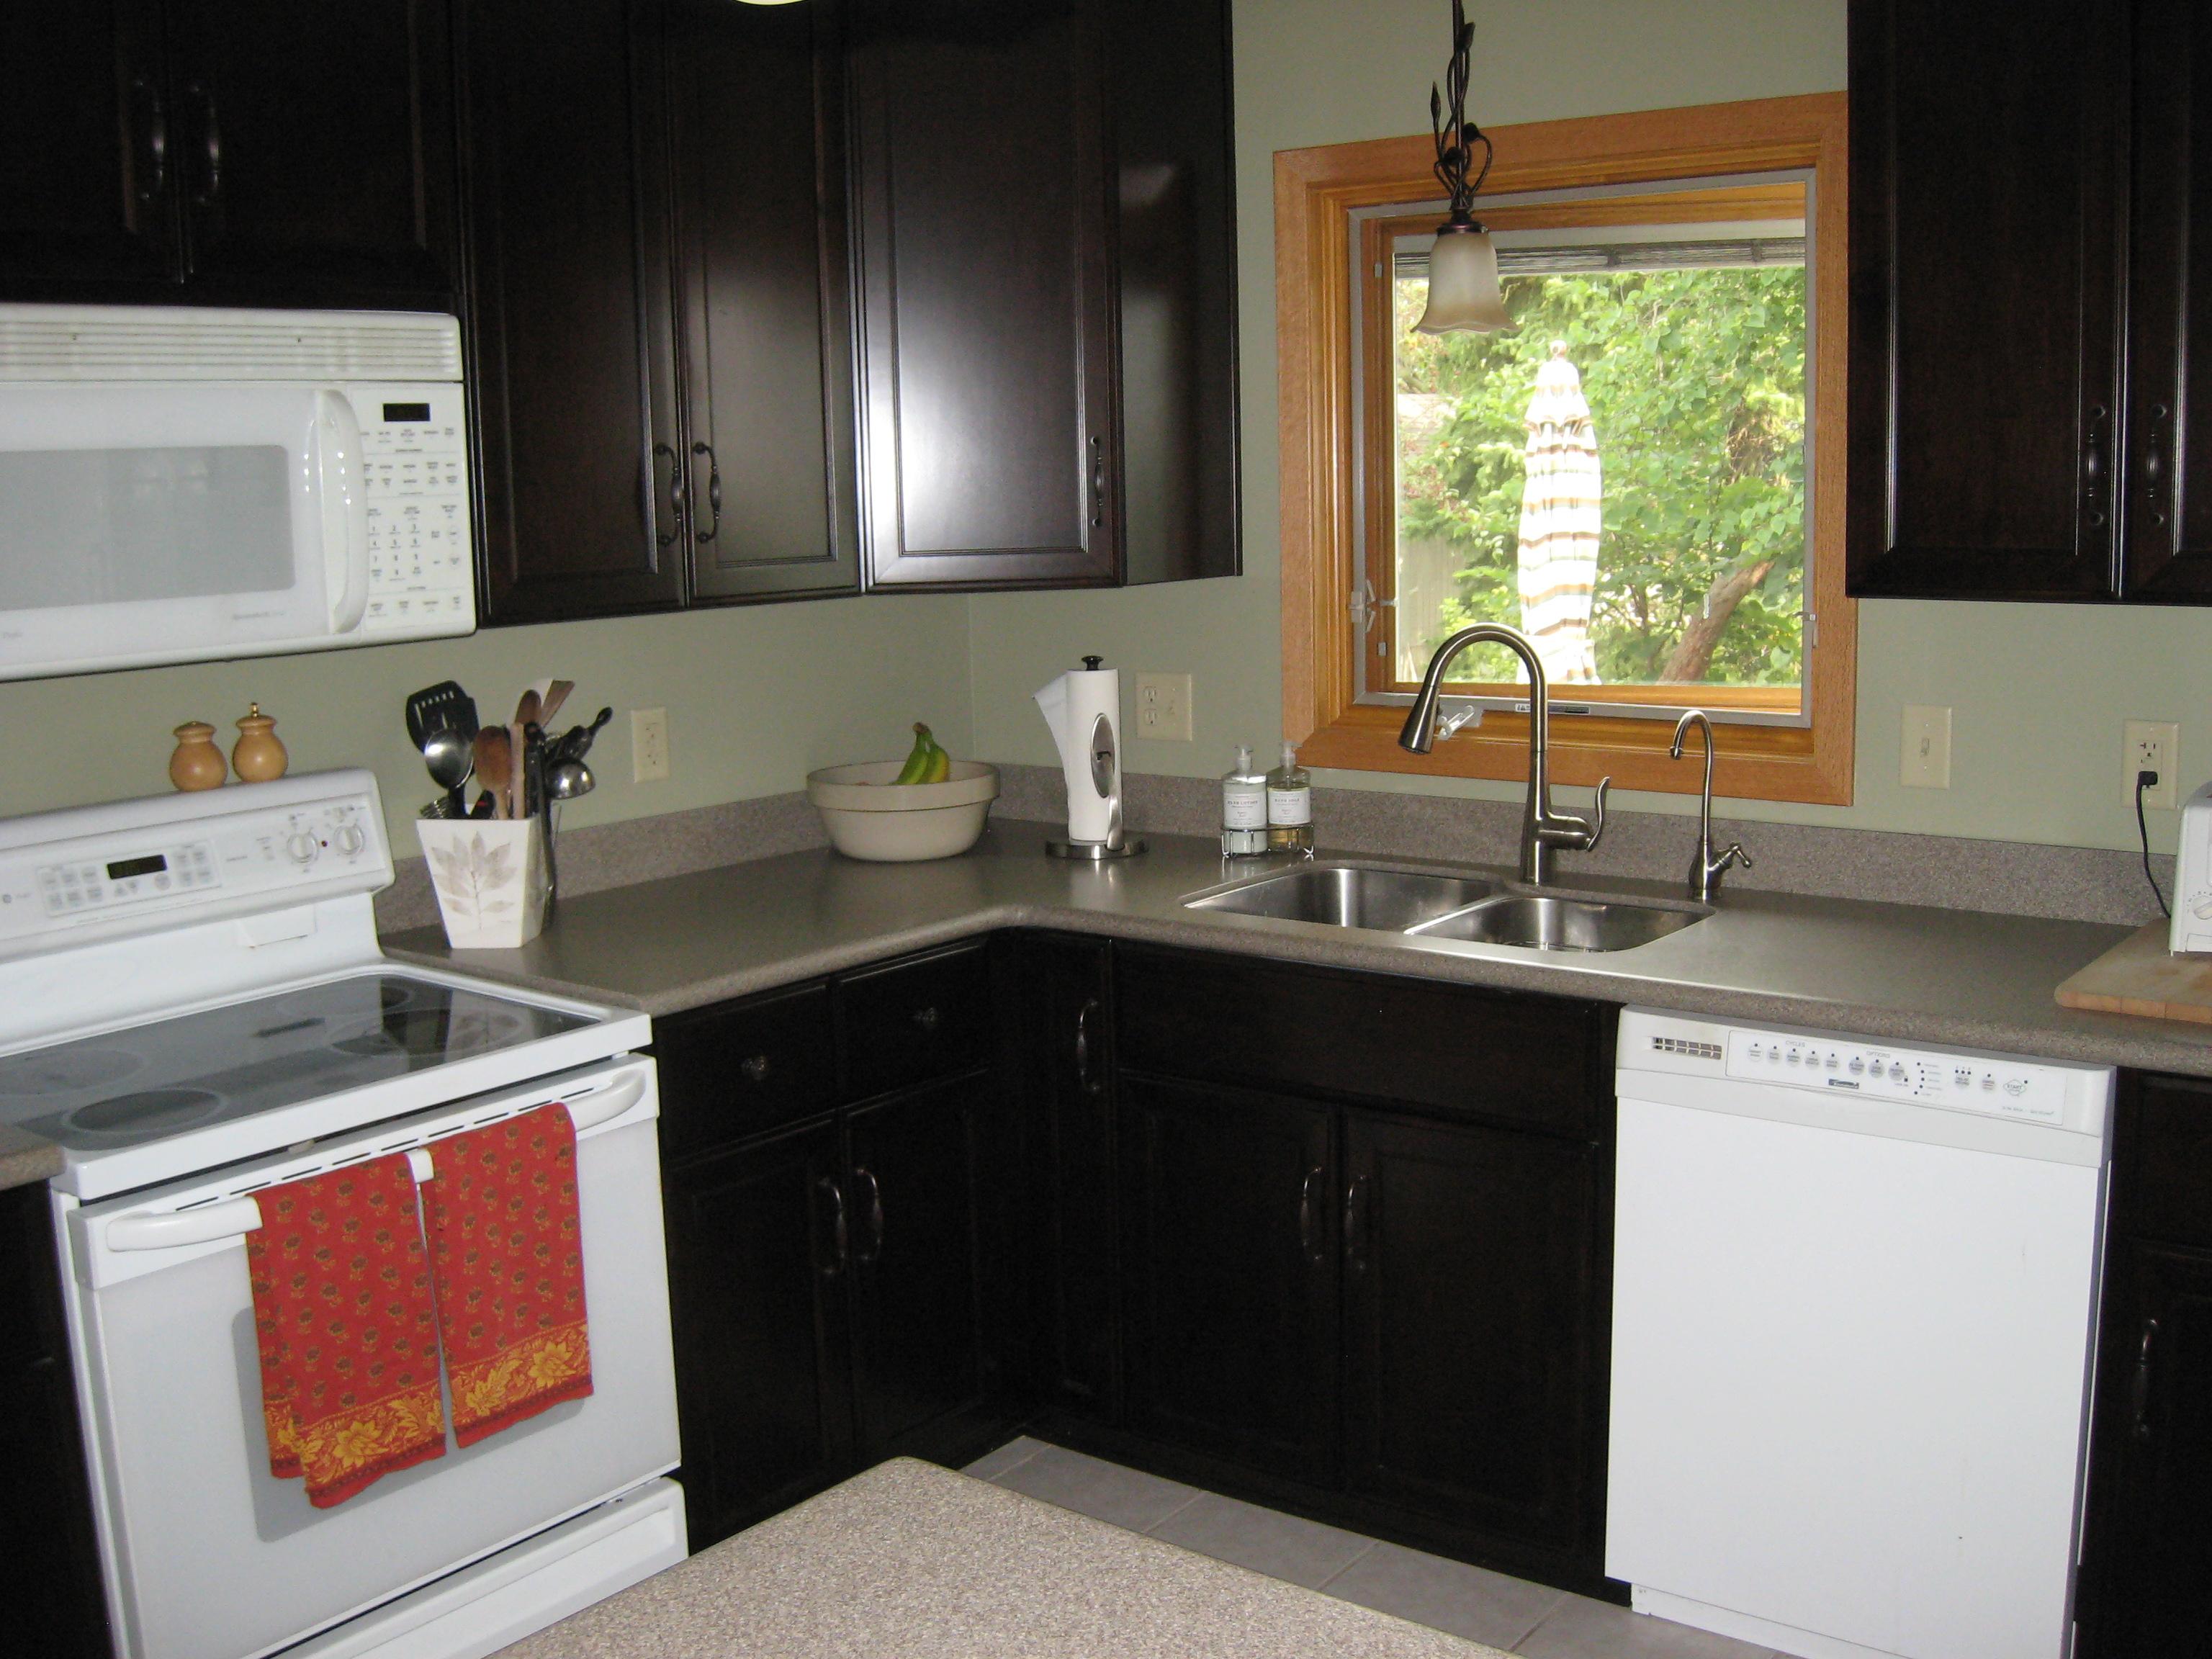 u shaped kitchen appliance layout photo - 10